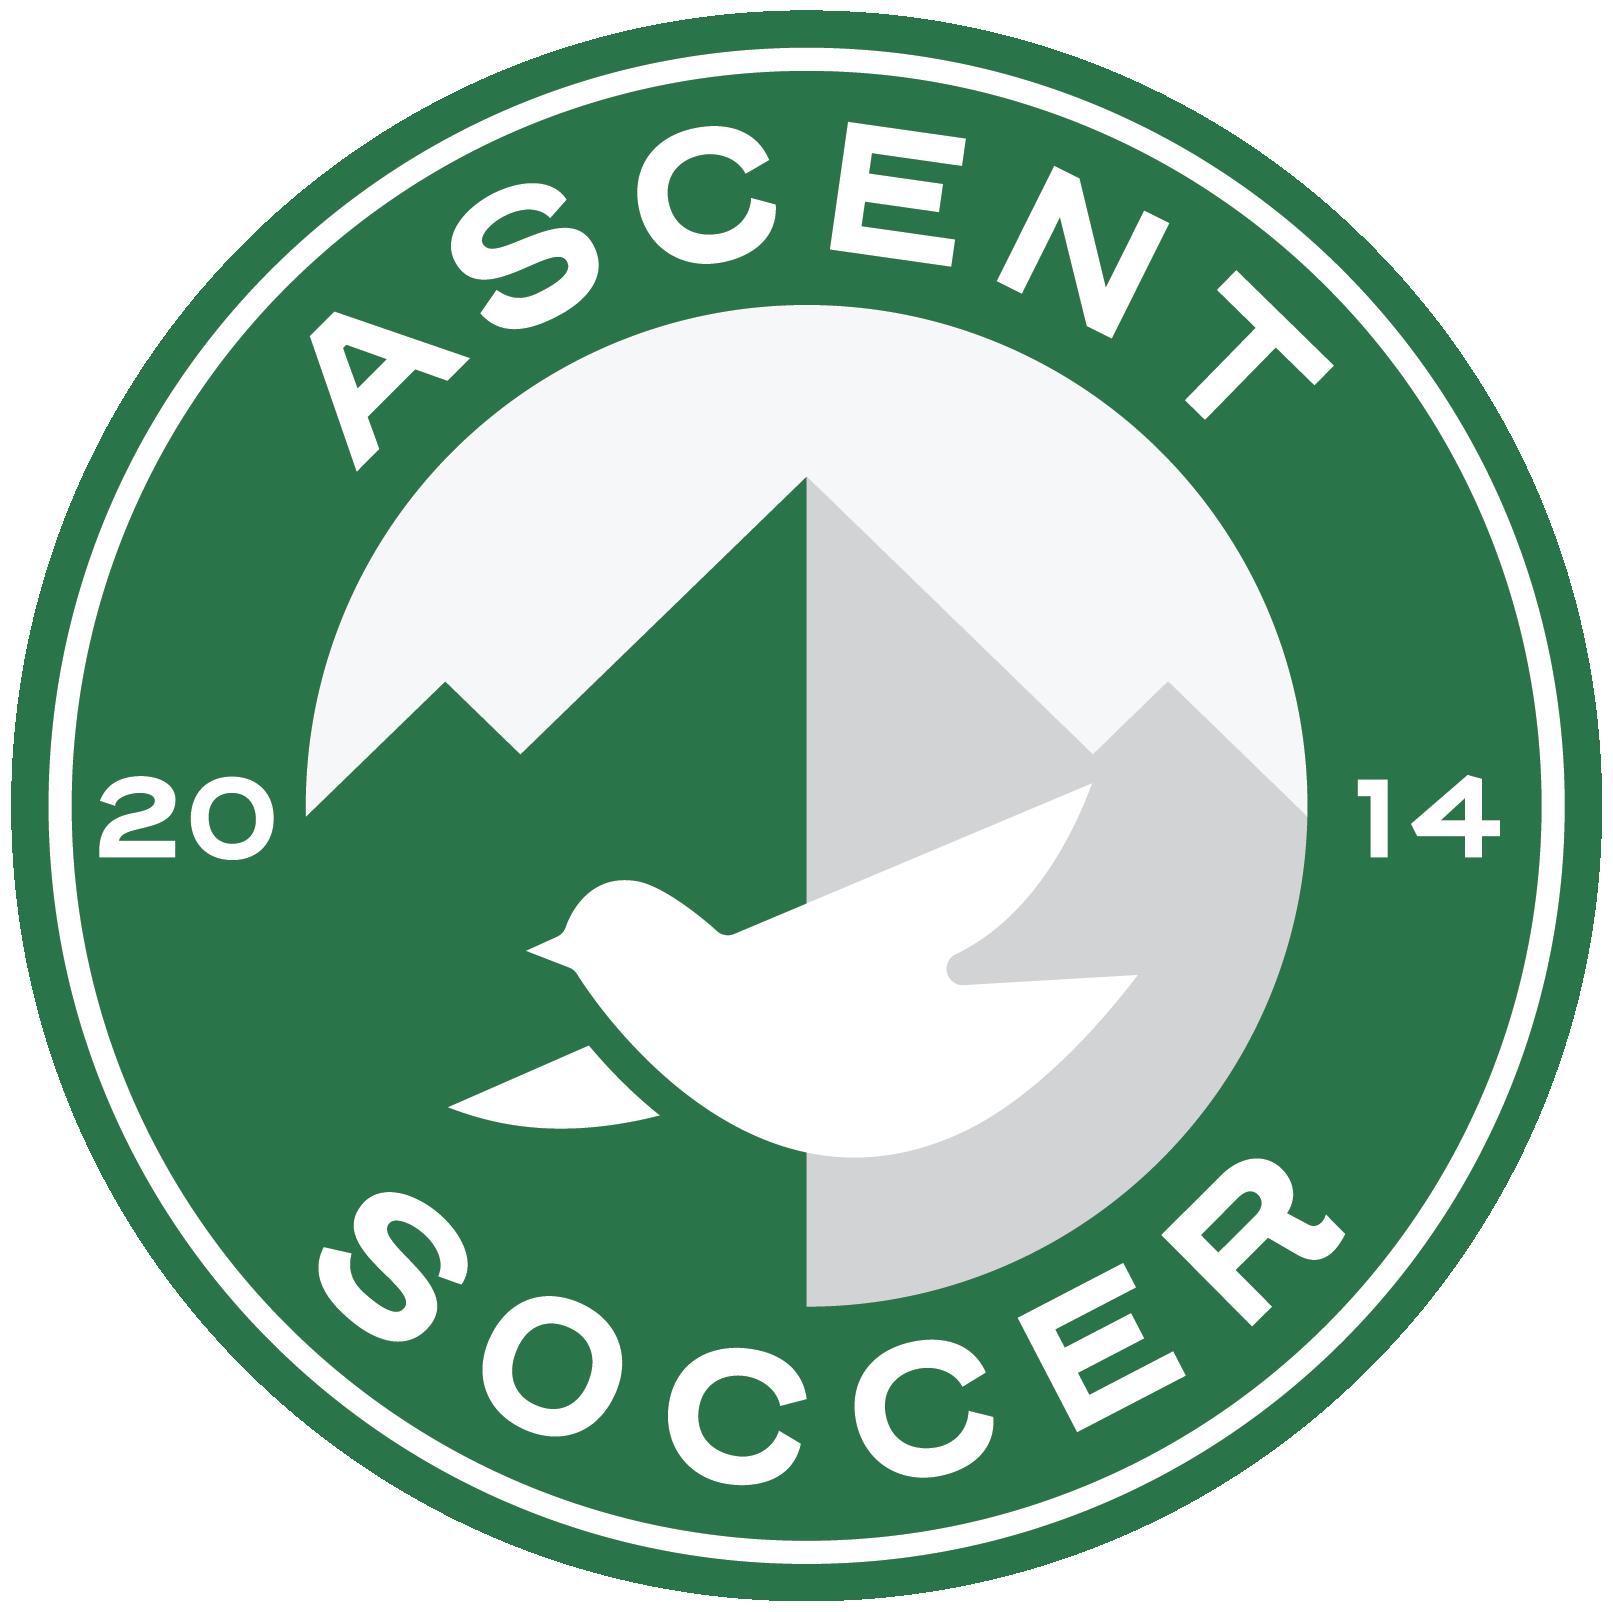 Ascent Soccer